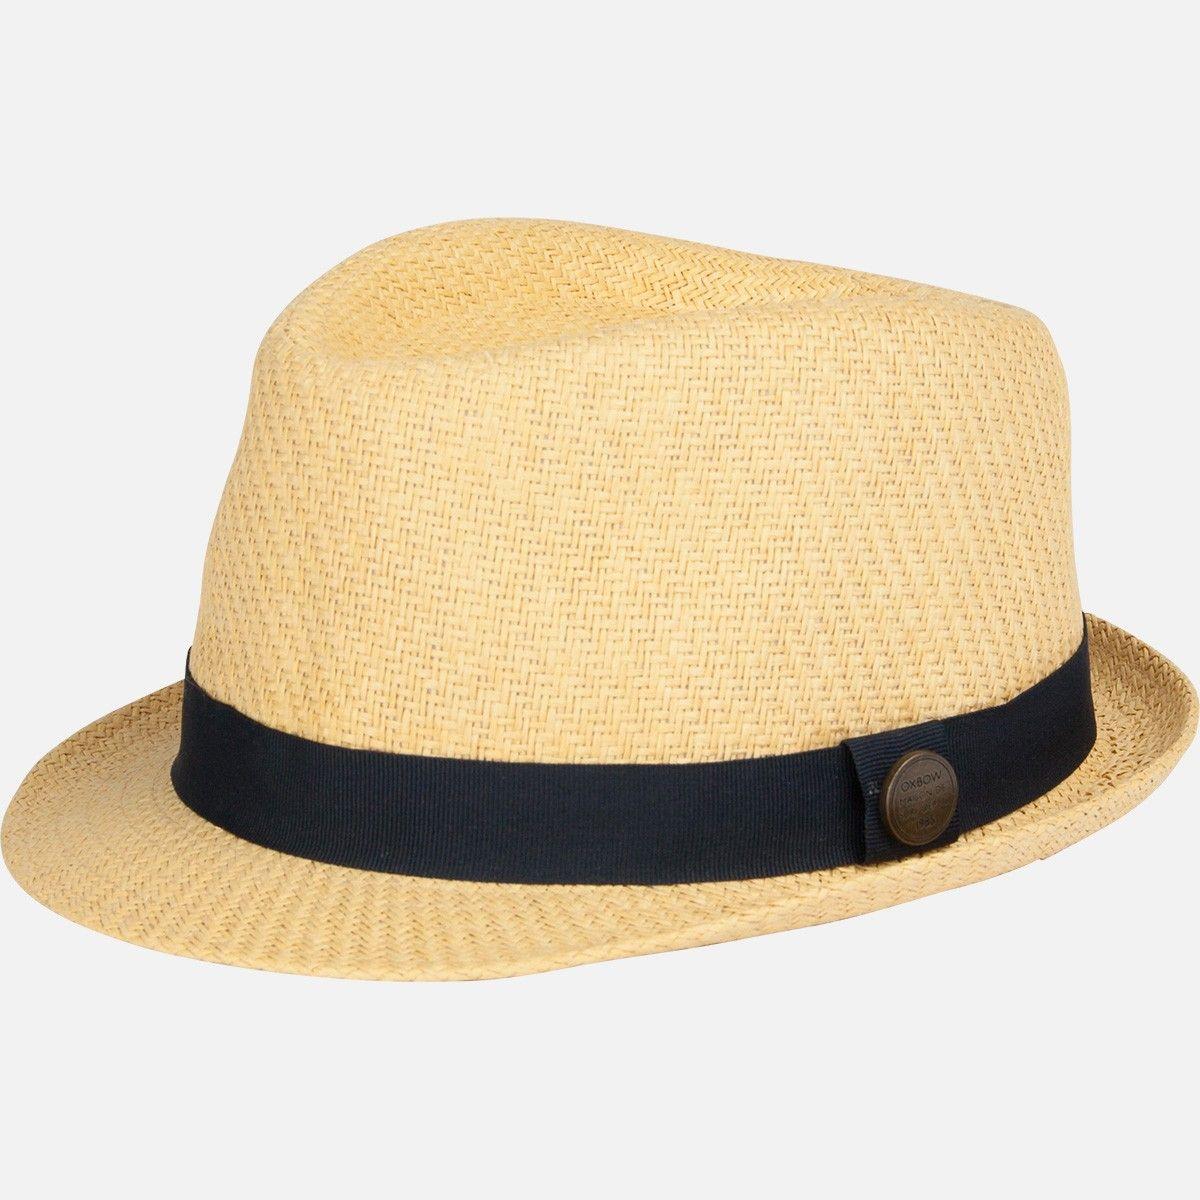 chapeau homme gom paille oxbow chapeaux de paille. Black Bedroom Furniture Sets. Home Design Ideas